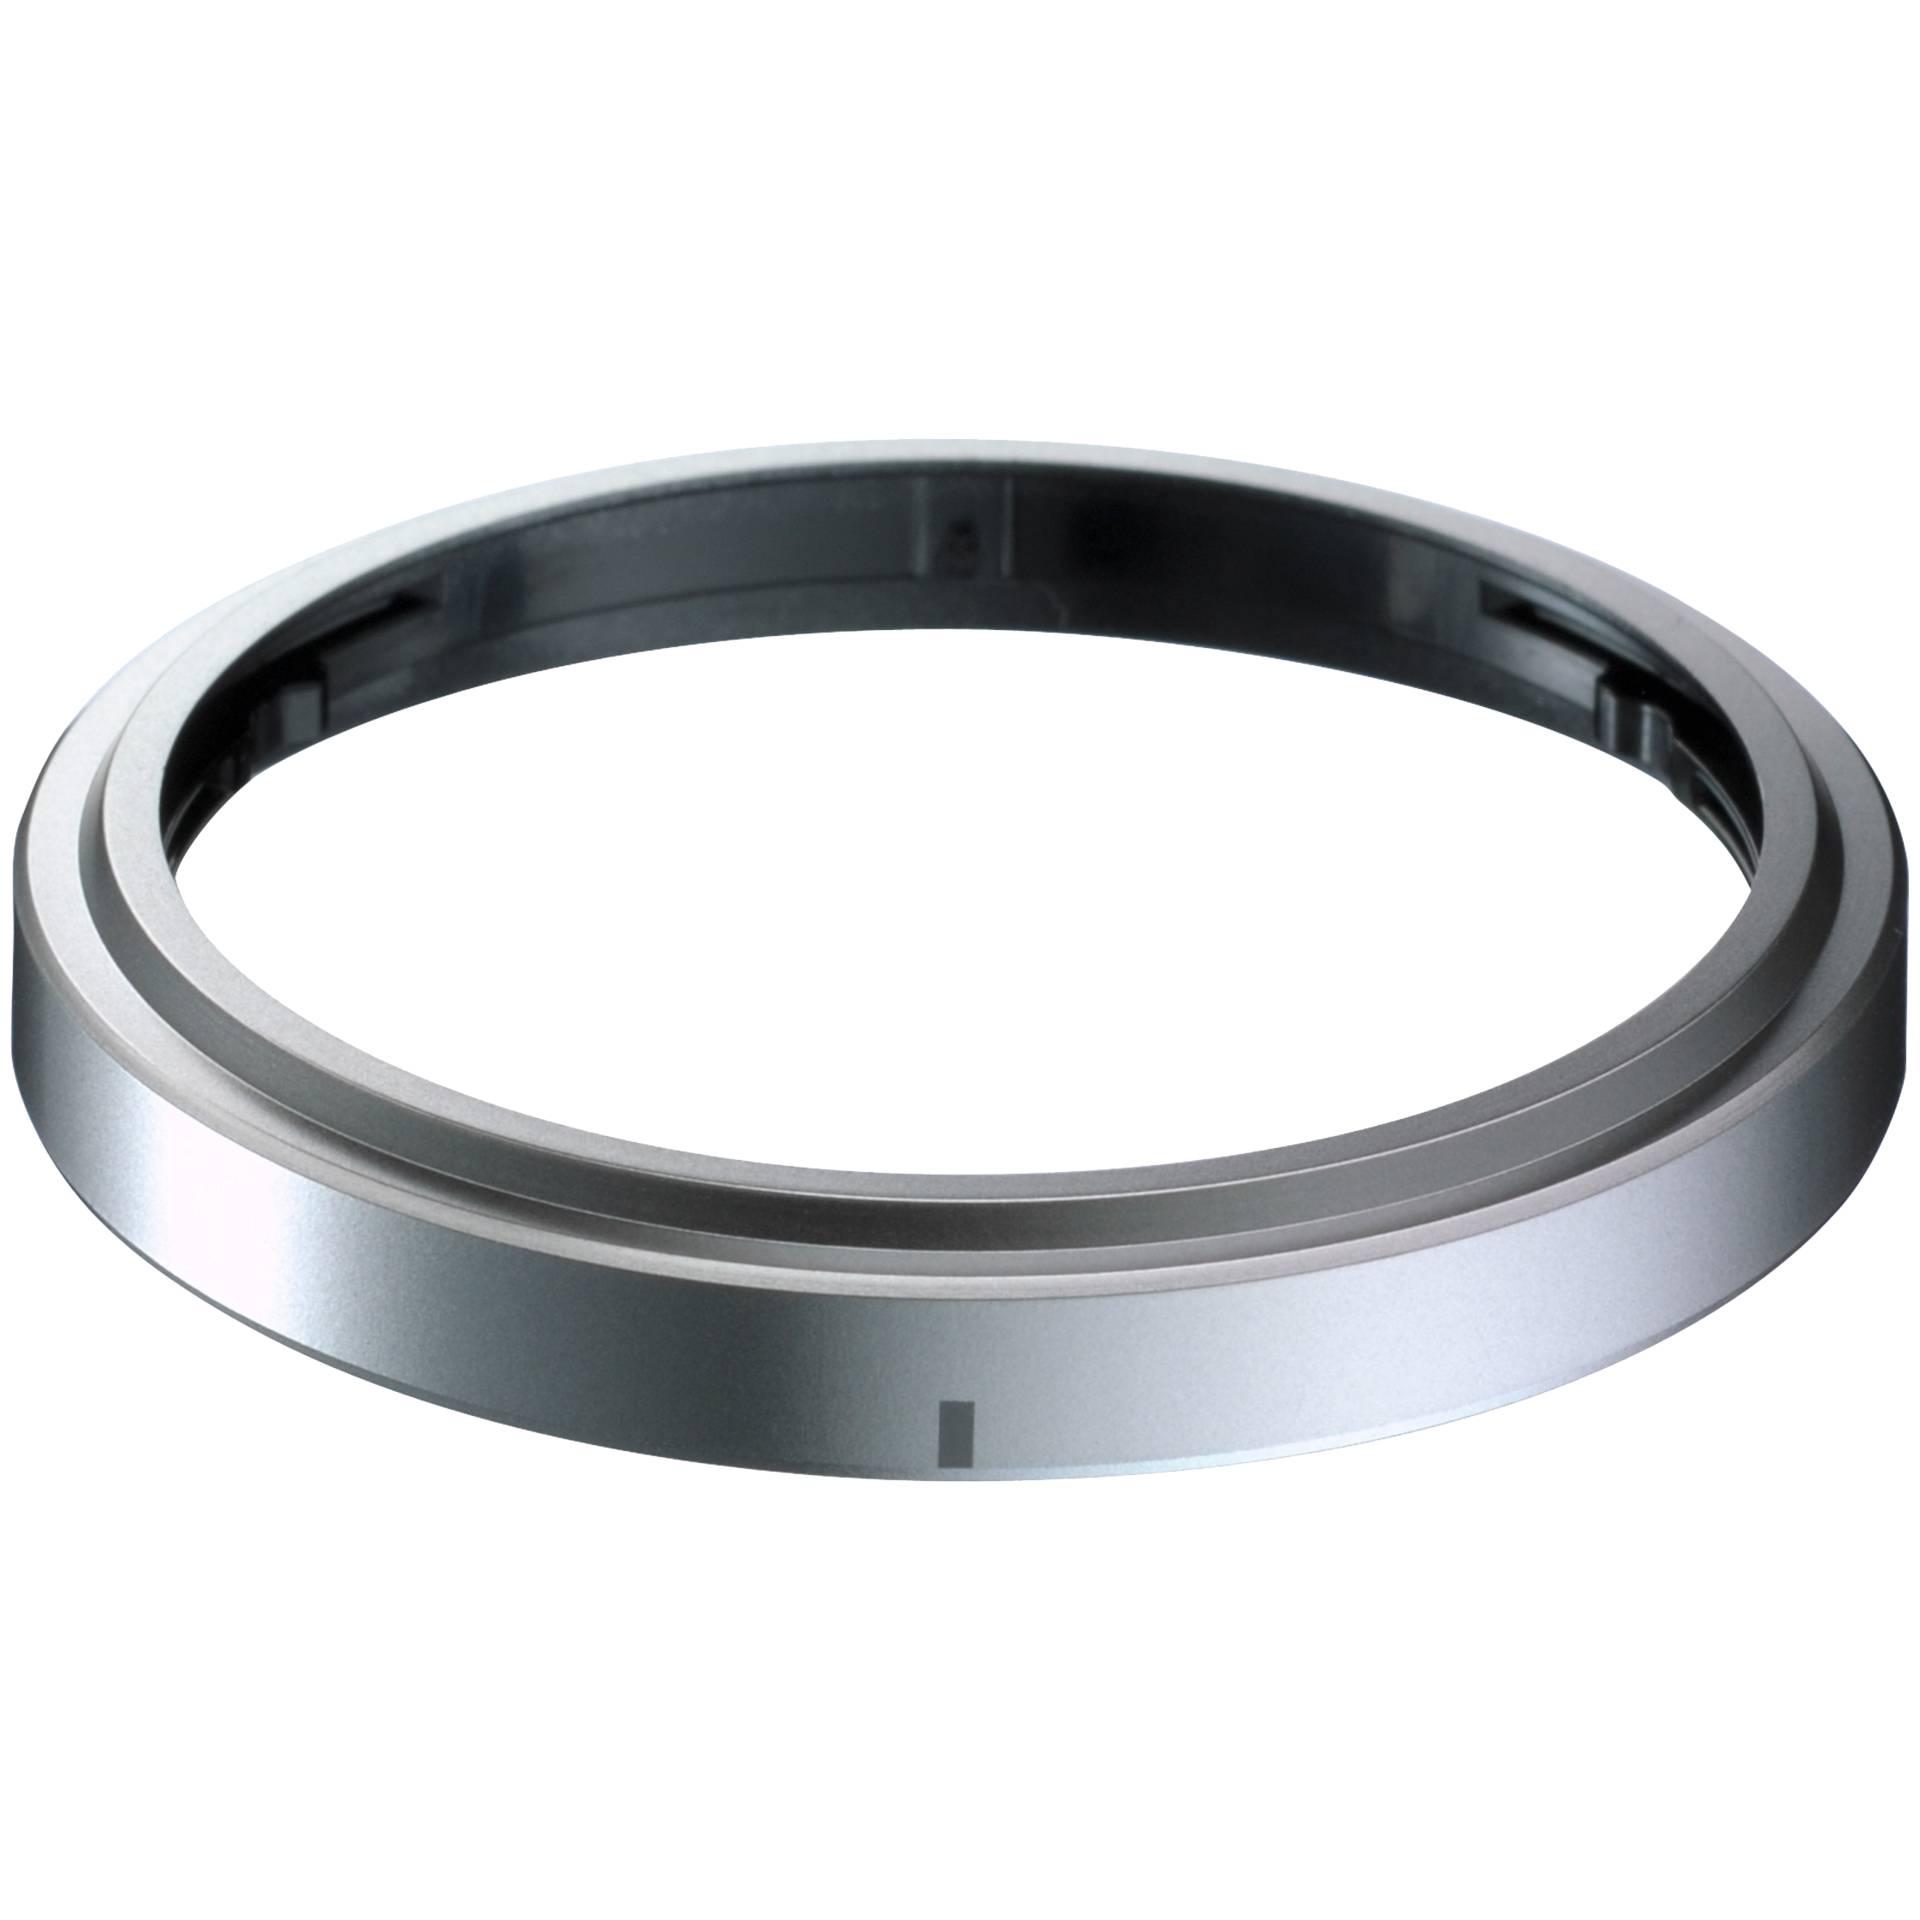 Olympus DR-49 Deko Ring Set für M.ZUIKO DIGITAL 25 mm 1:1.8